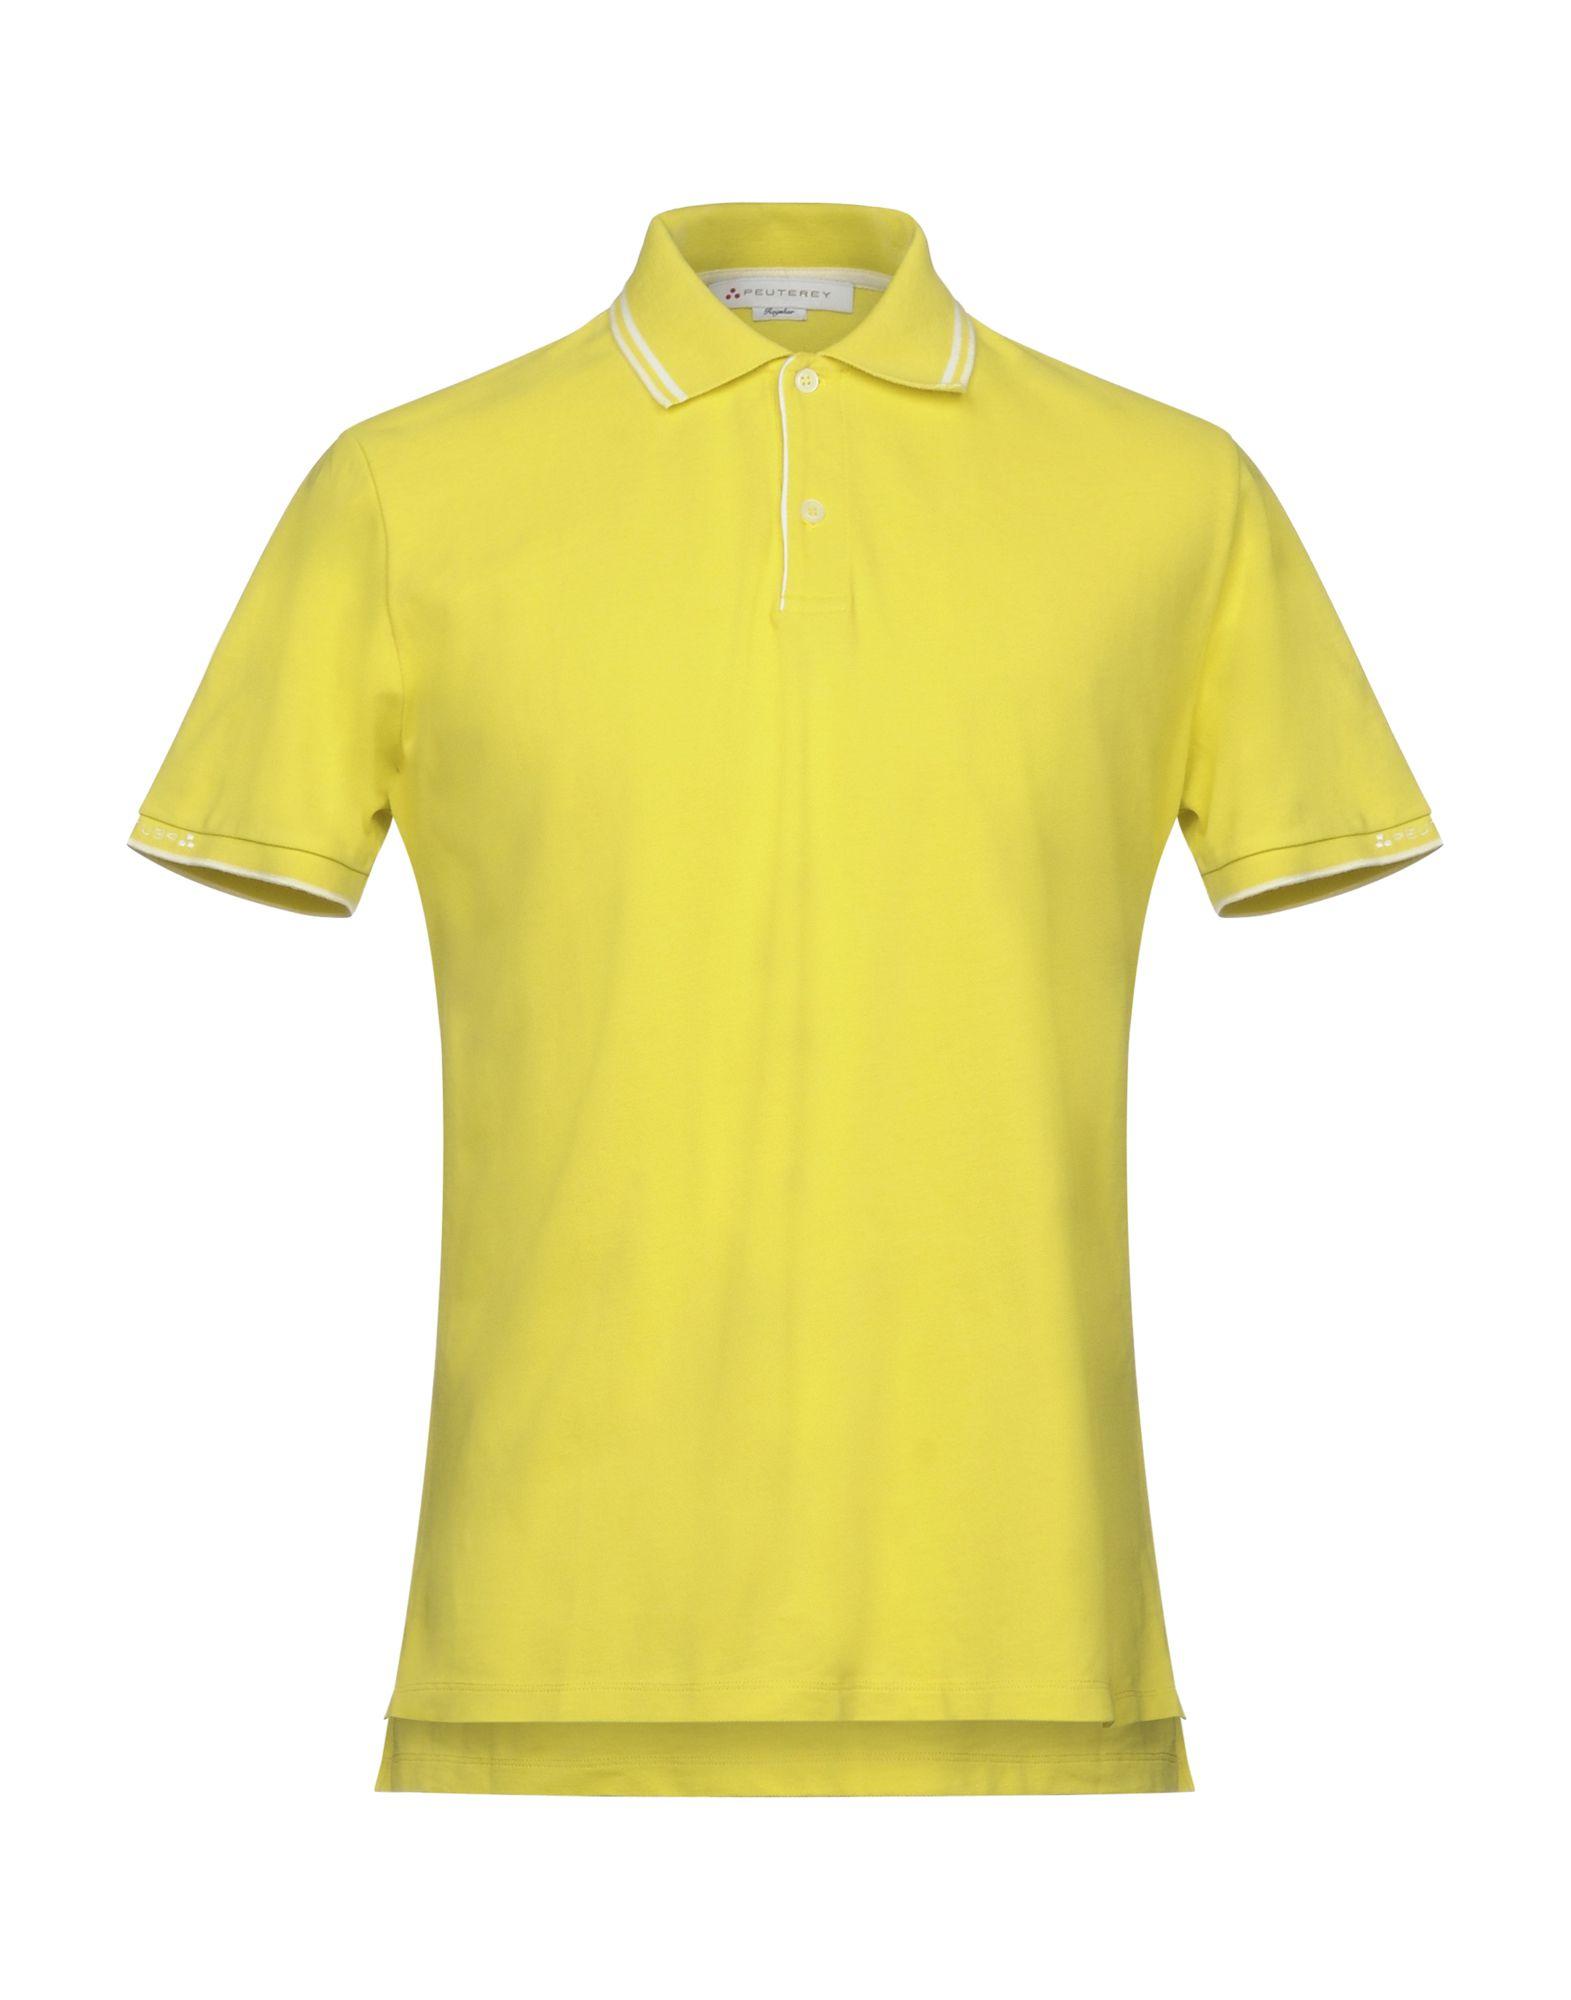 《送料無料》PEUTEREY メンズ ポロシャツ イエロー XXS コットン 100%